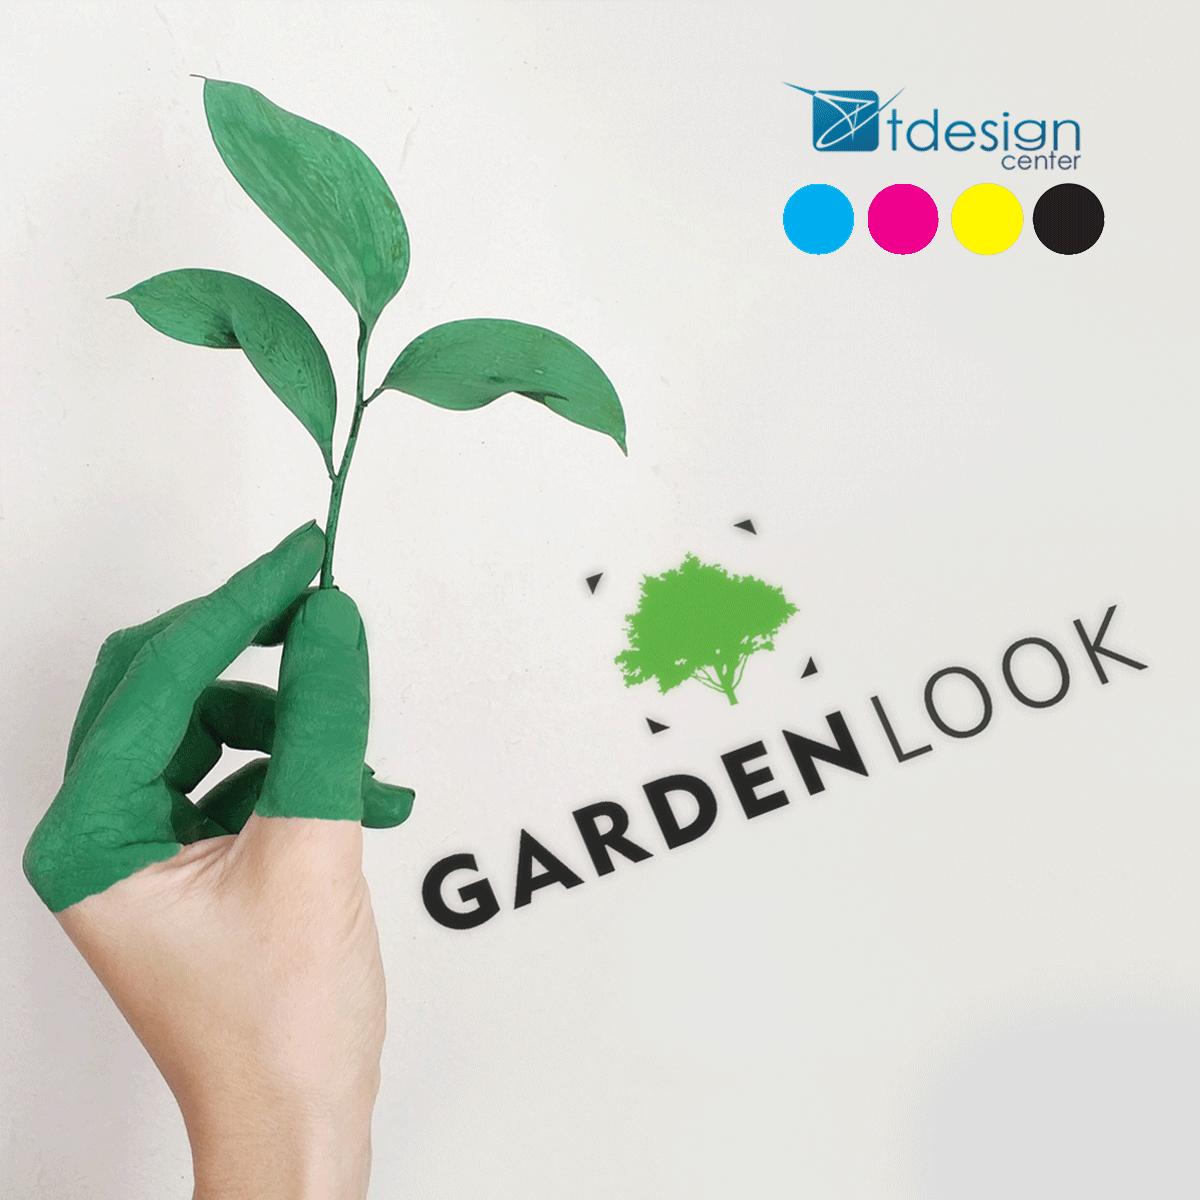 Logo zaprojektowane dla firmy Gardenlook